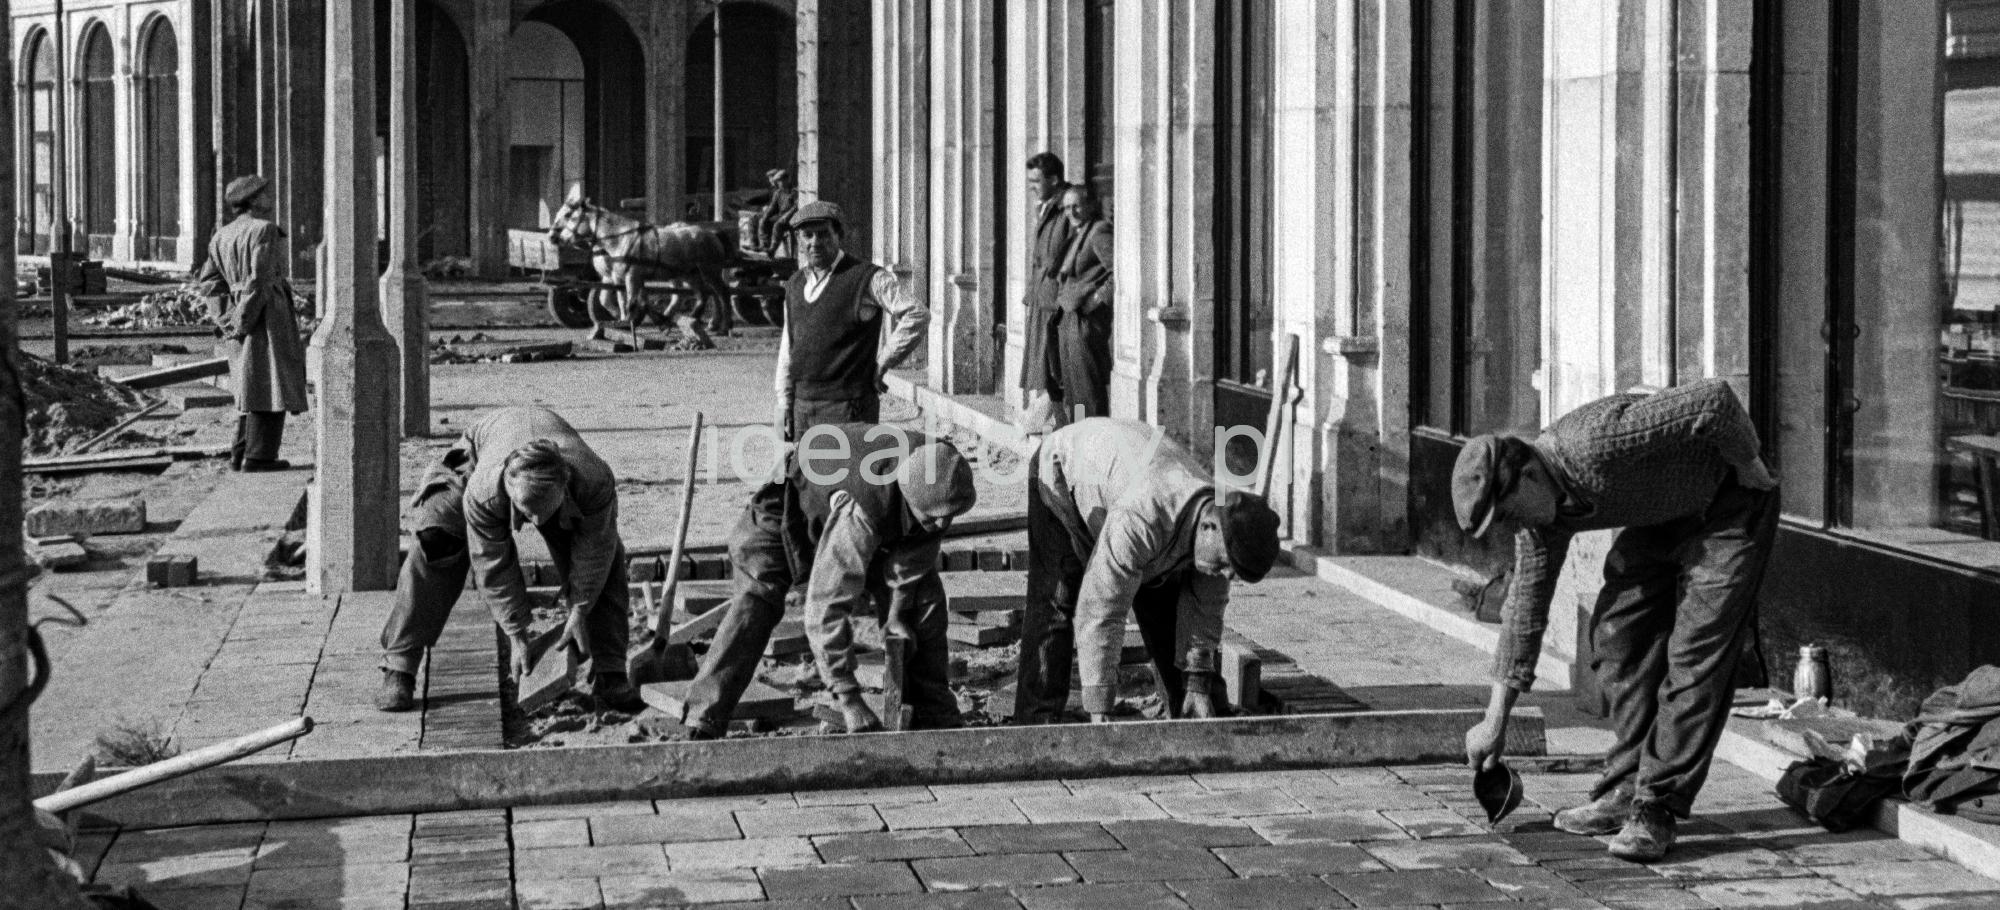 Robotnicy pochyleni nad układaniem płyt chodnikowych.